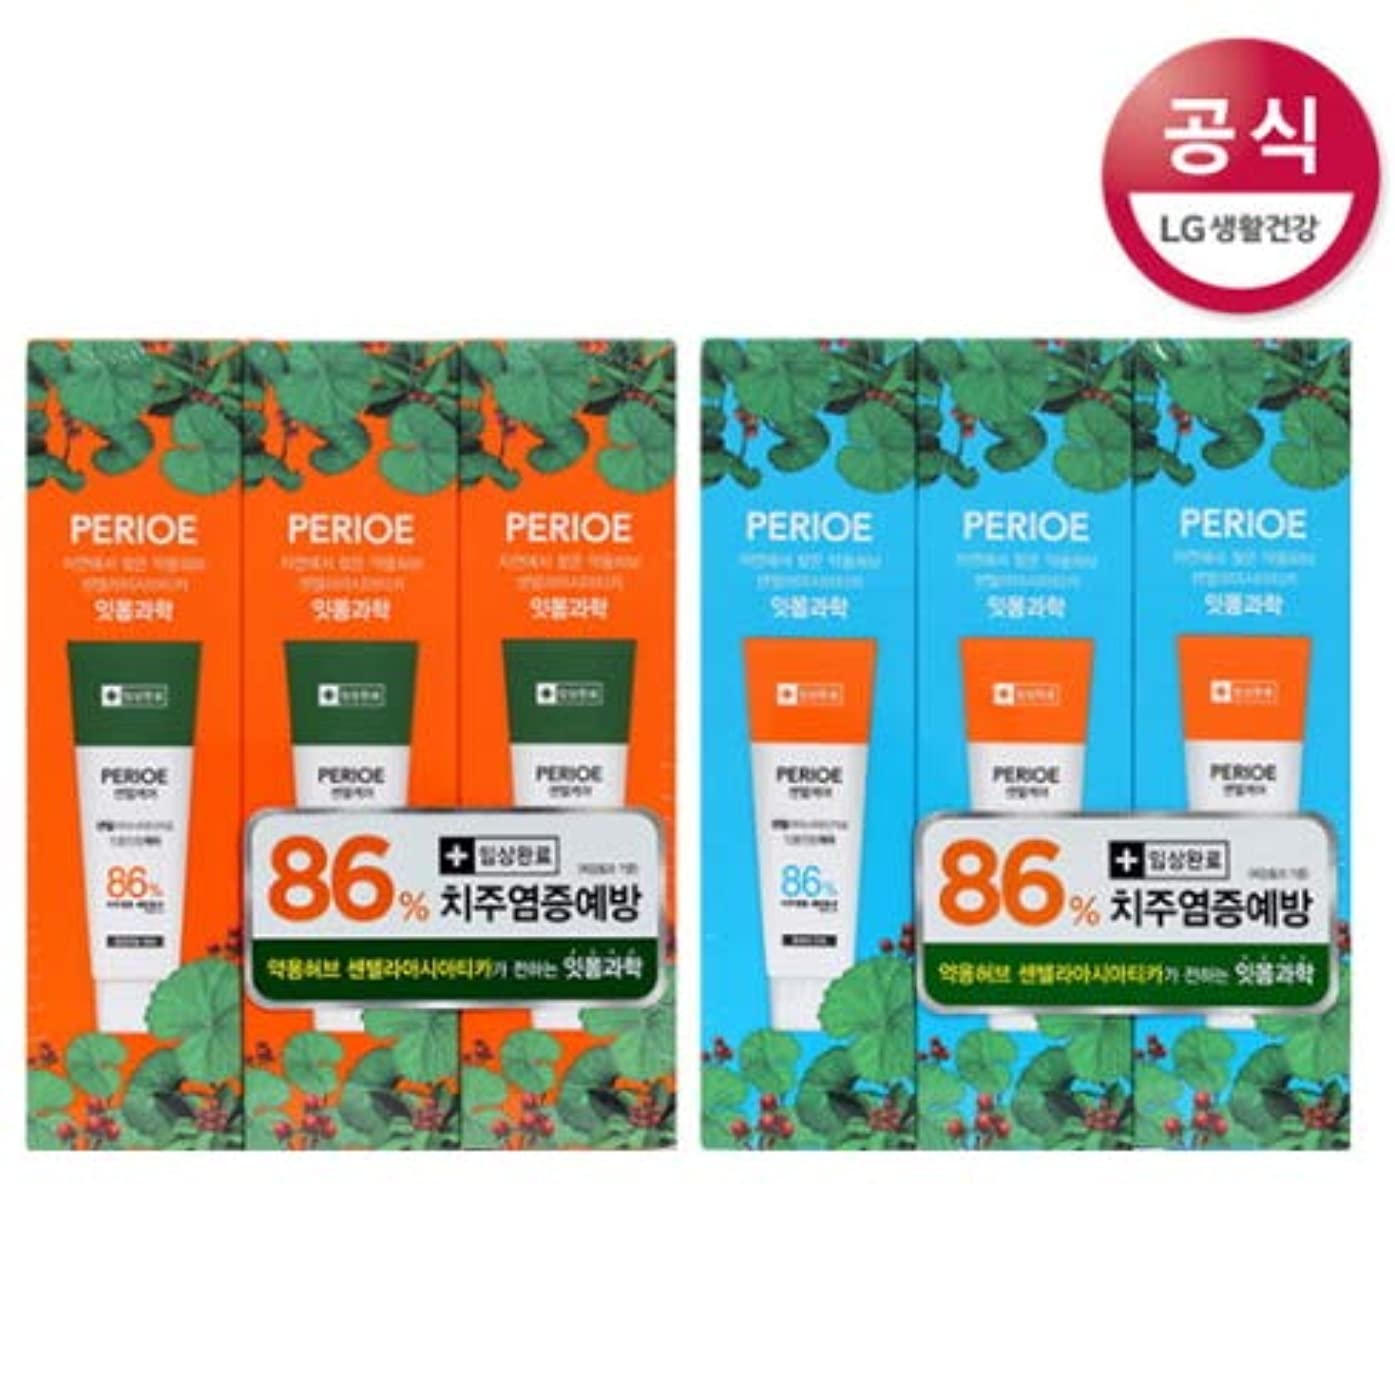 閉じる髄にぎやか[LG HnB] Perio centel care toothpaste/ペリオセンテルケア歯磨き粉 100gx6個(海外直送品)